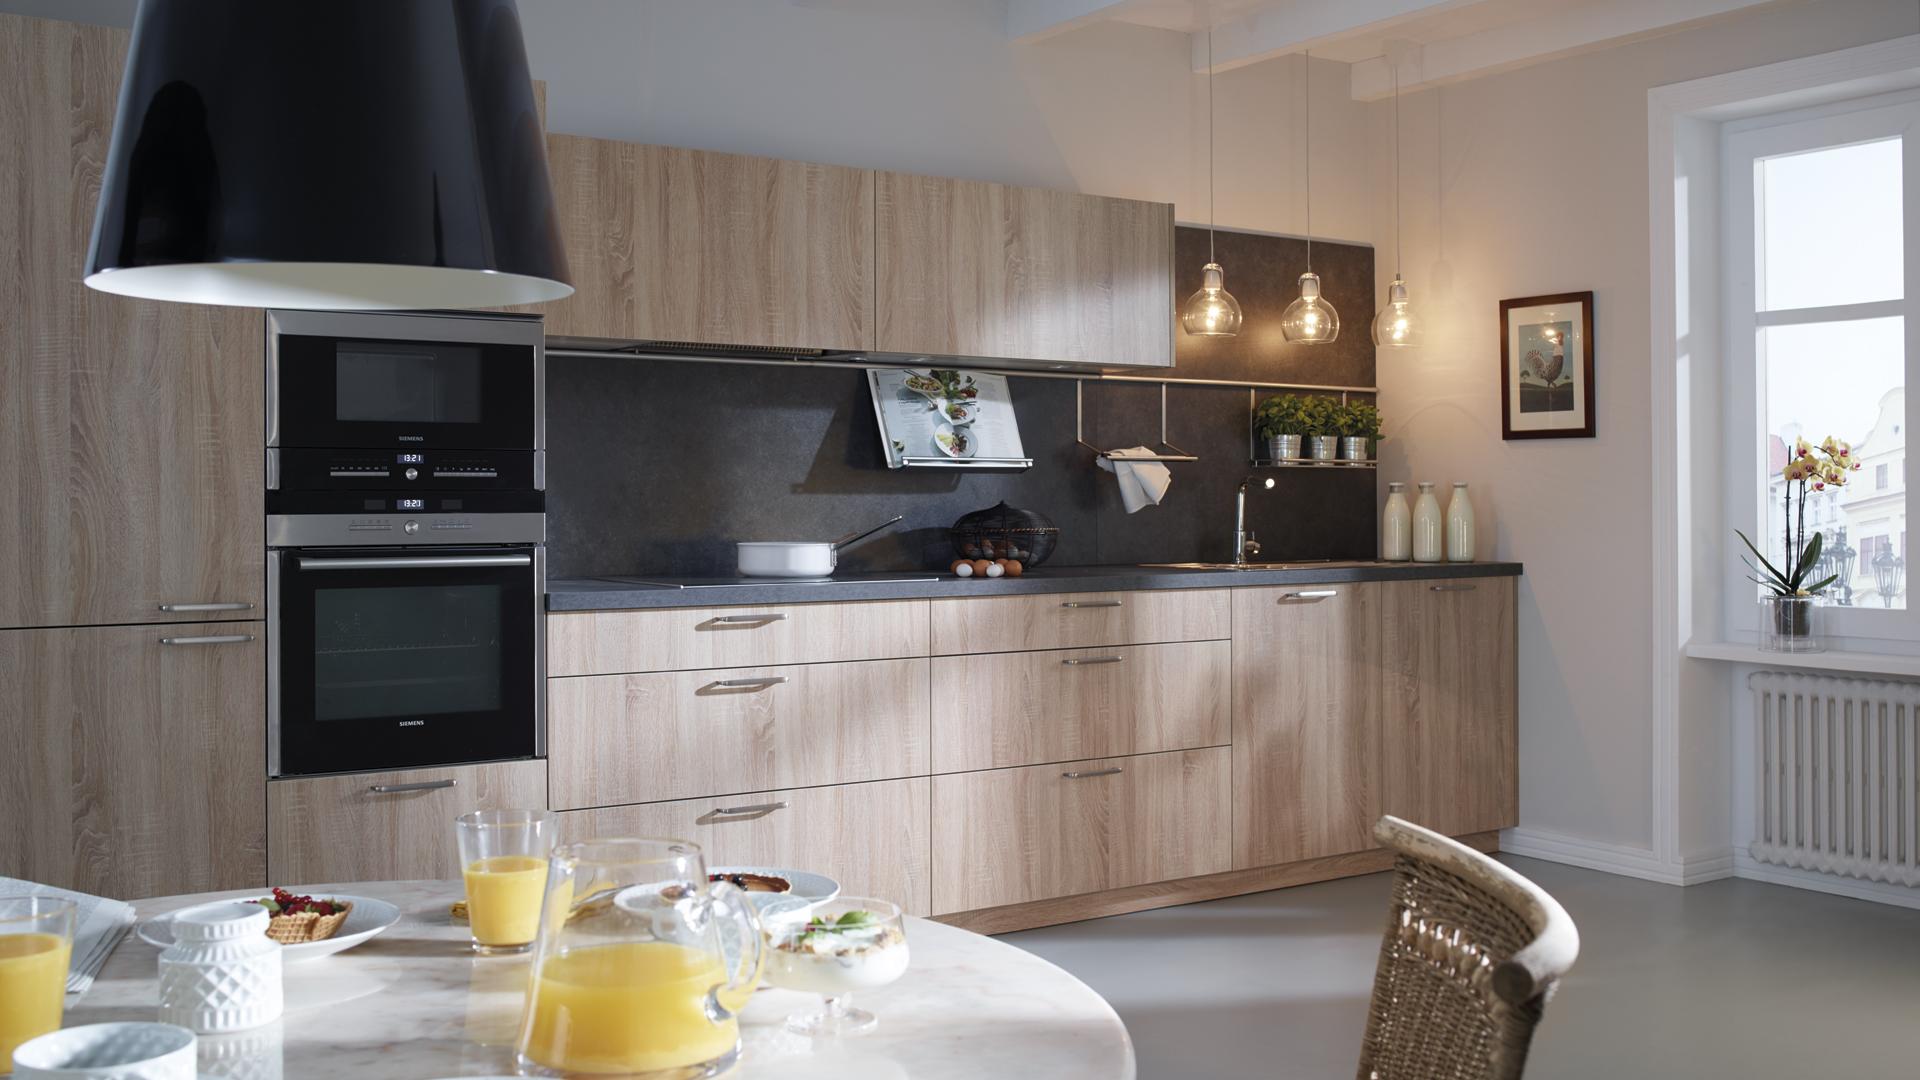 Distribución de cocina lineal sencilla y actual Santiago Interiores